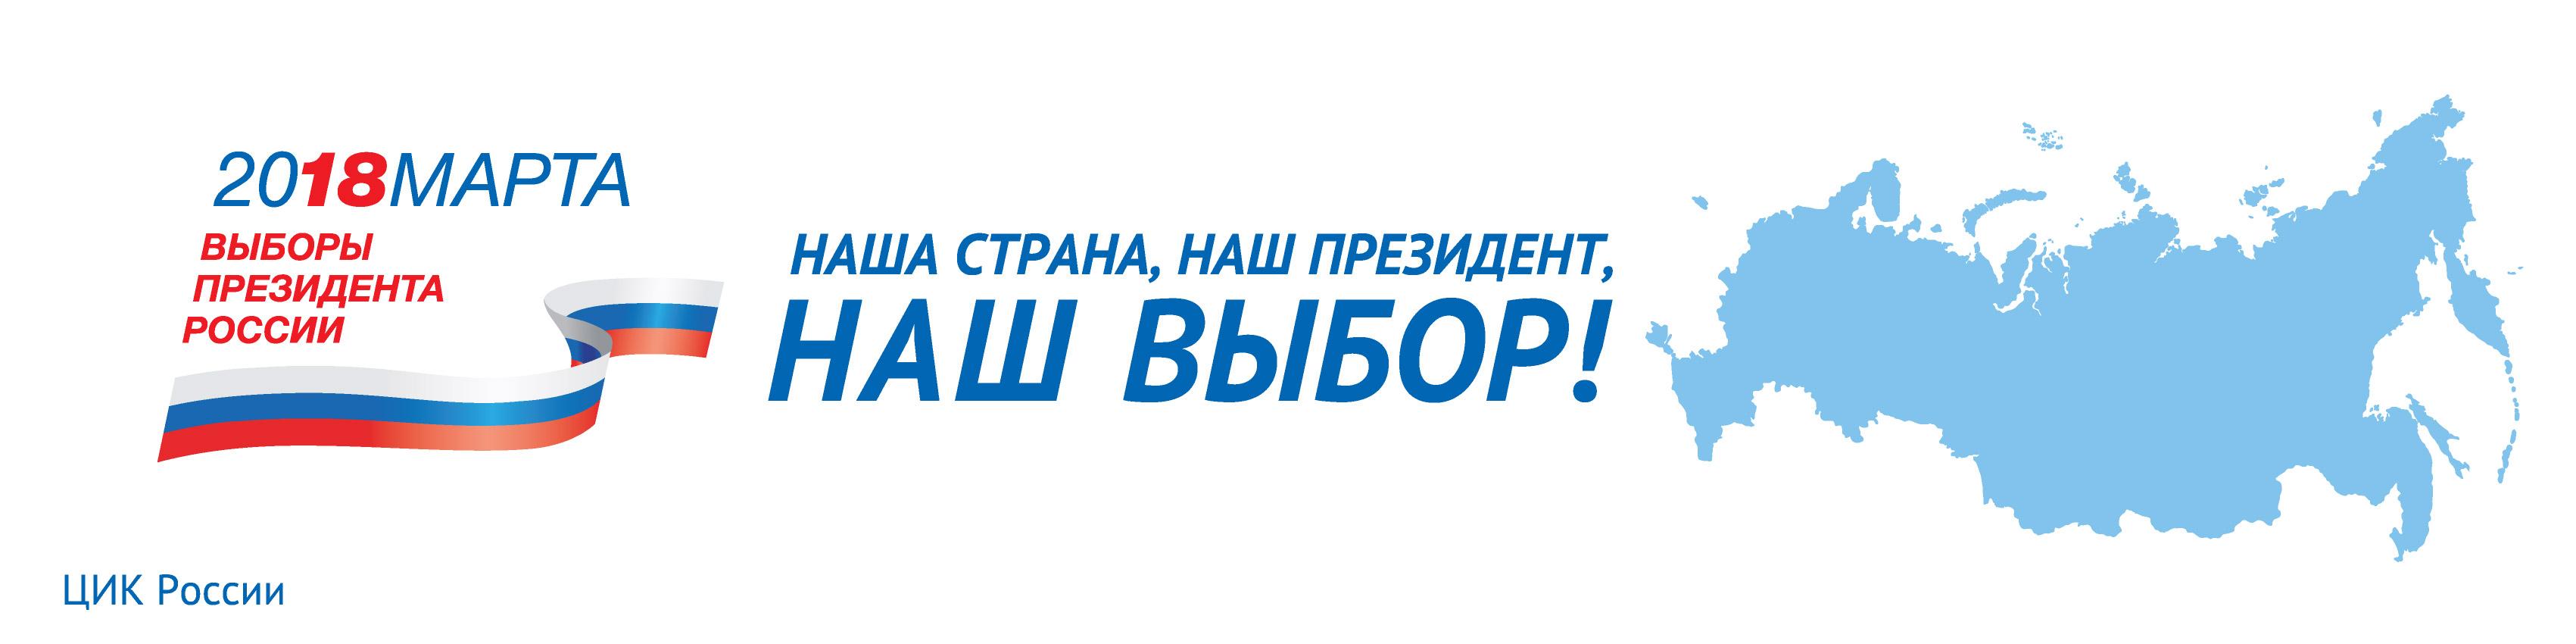 2st-билборд-12x3